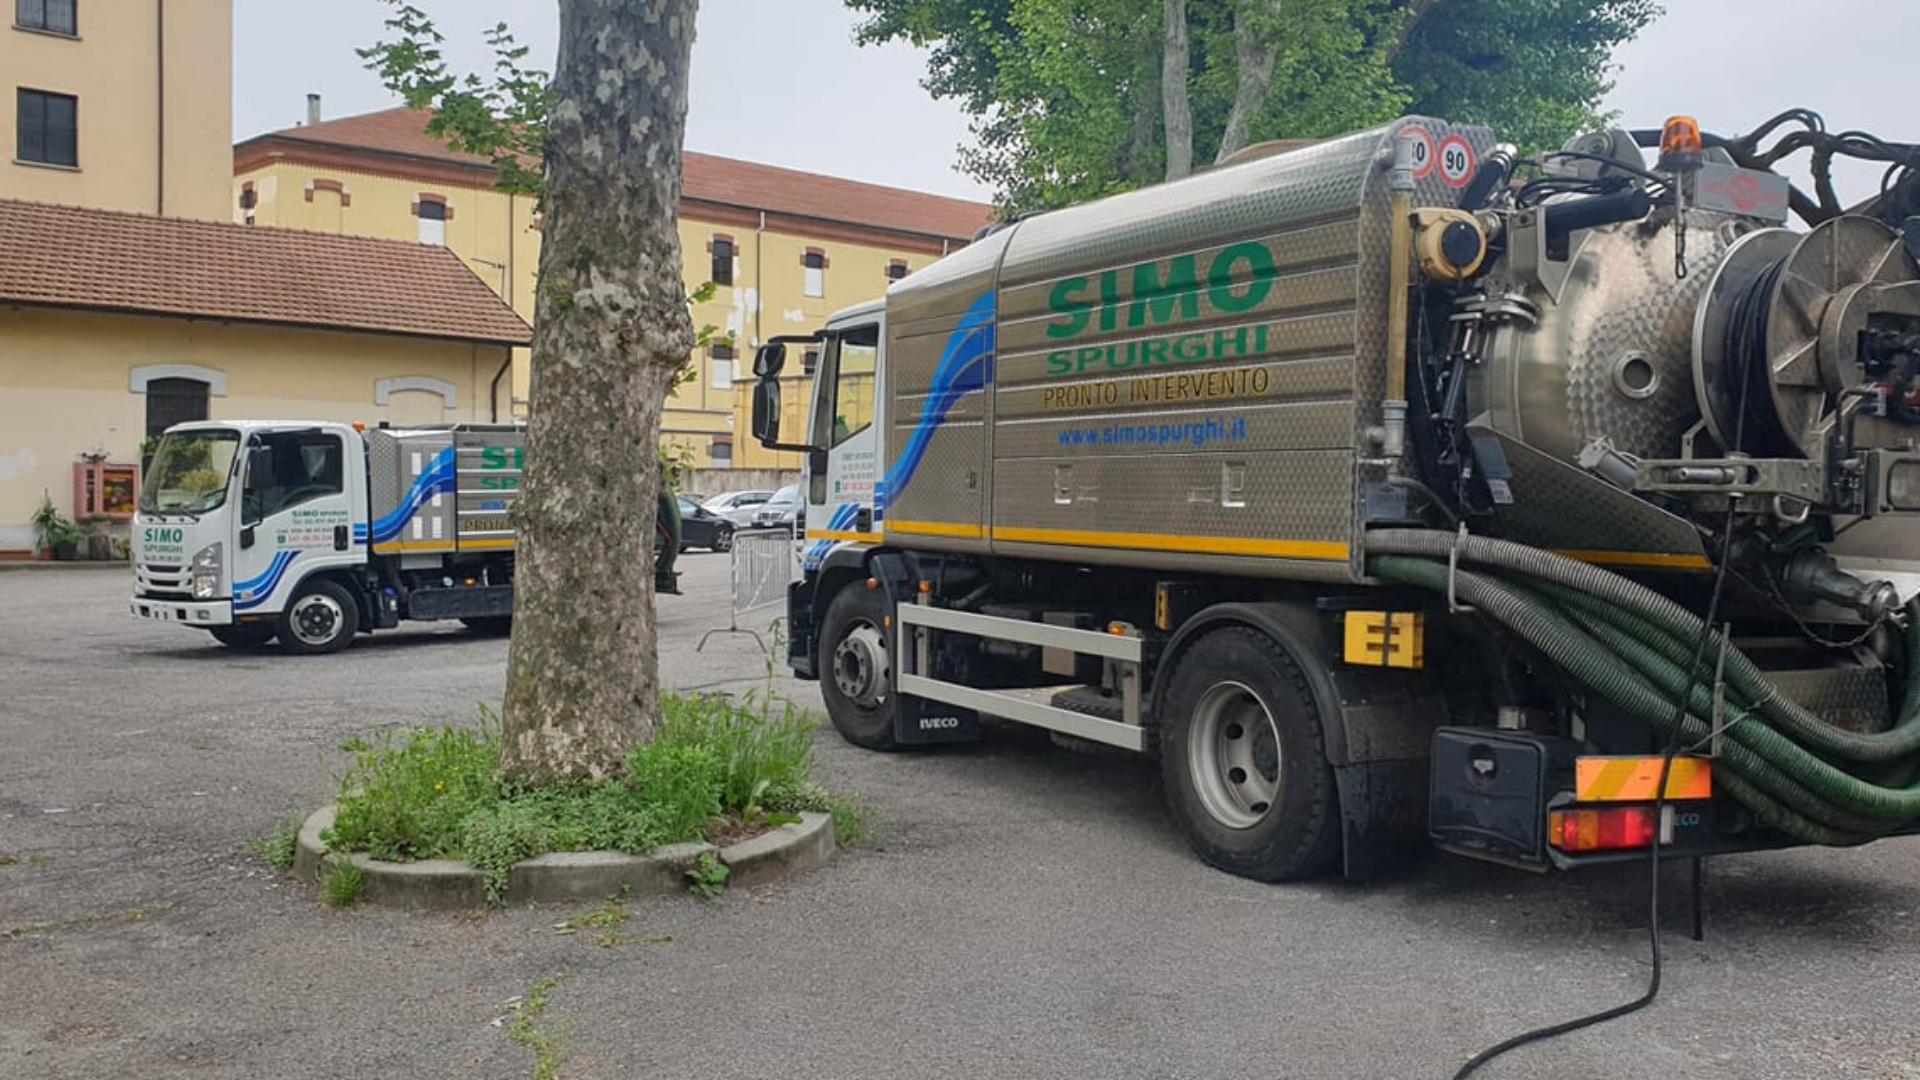 Servizi ecologici 7 giorni su 7 a Milano